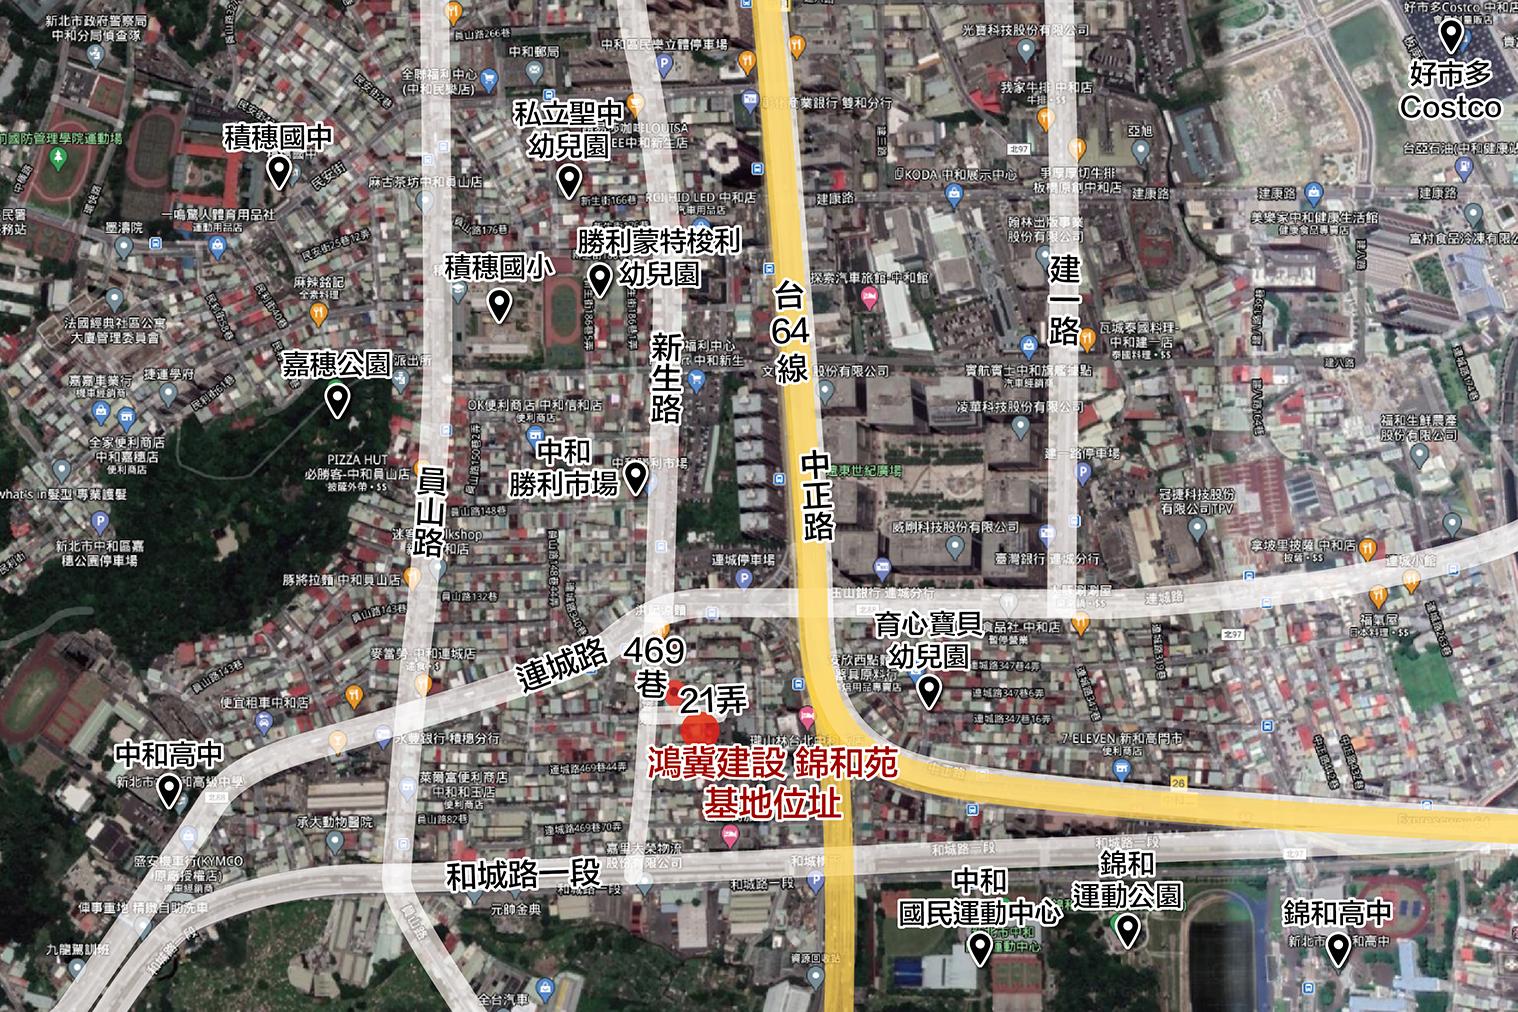 圖片:建案搶先看 | 鴻冀建設 錦和苑 親子運動公園為鄰的新北精品大樓